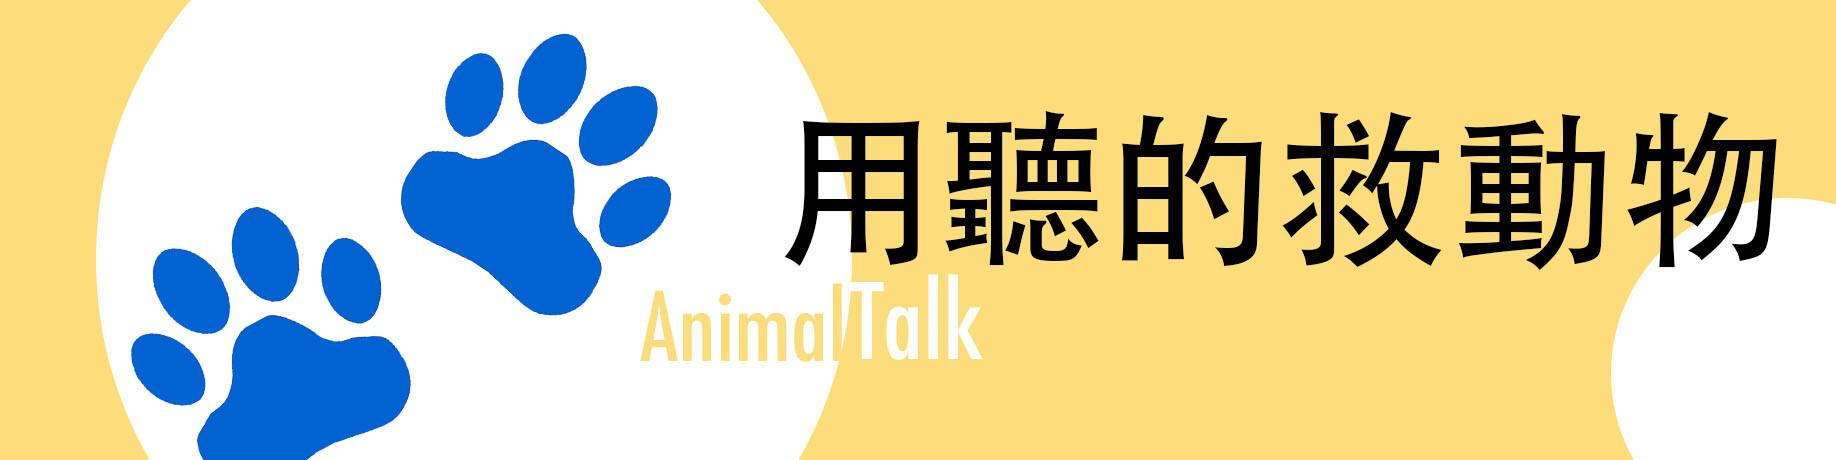 用聽的救動物 Animal Talk